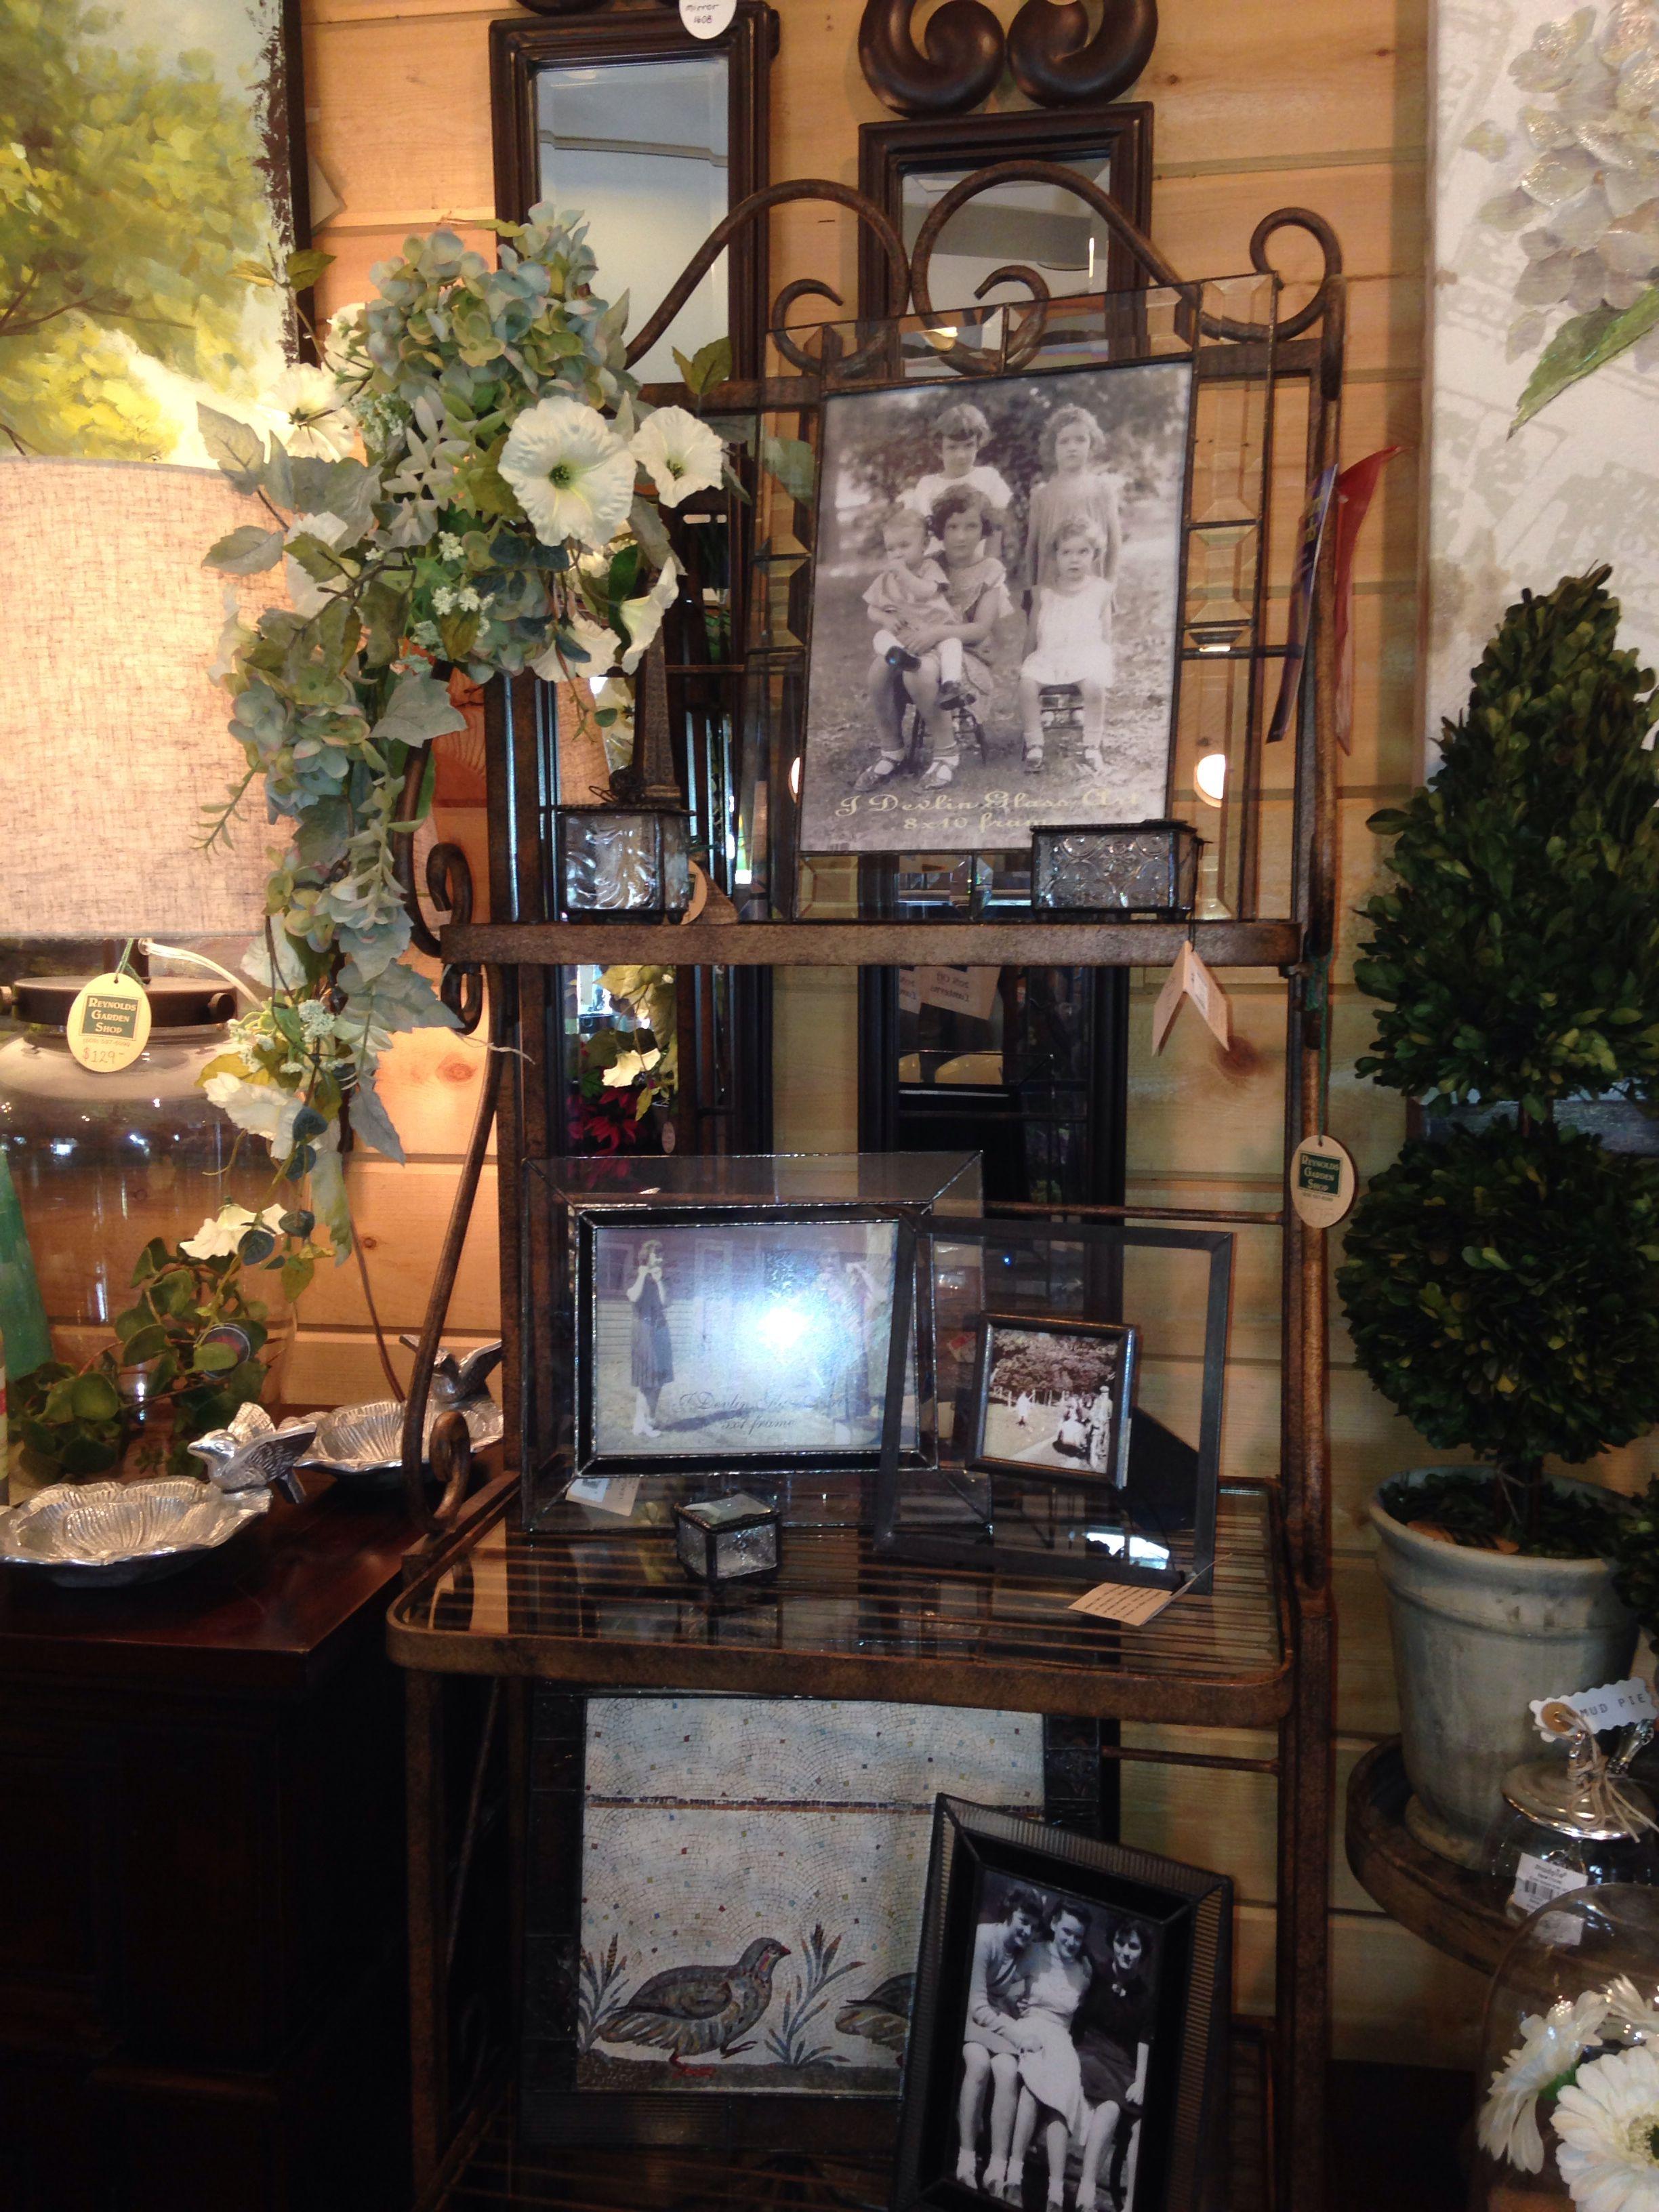 Reynolds Garden Shop With Images Garden Shop Decor Home Decor